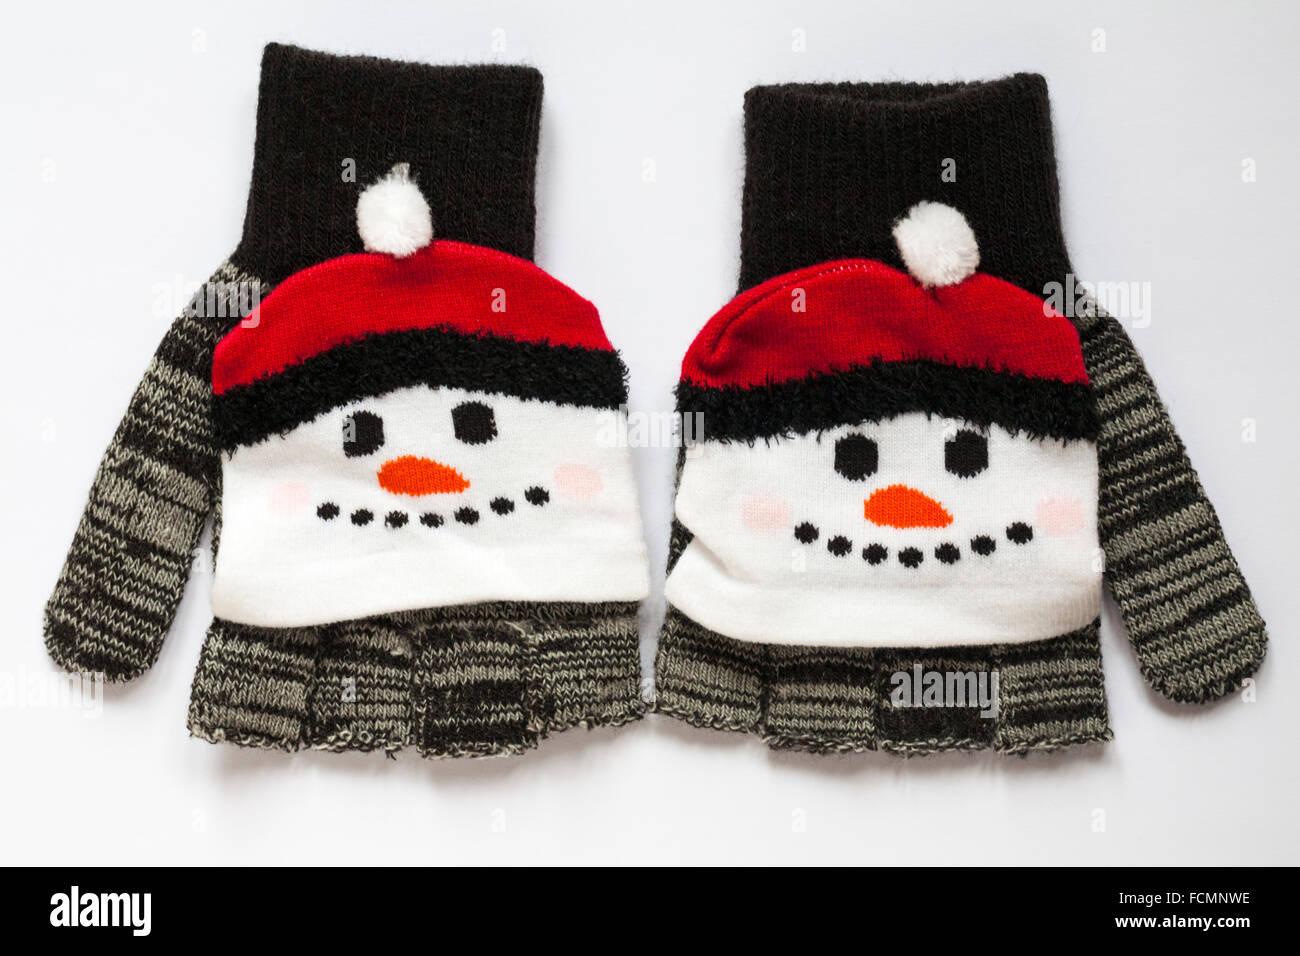 Fingerless Gloves Stock Photos & Fingerless Gloves Stock Images - Alamy